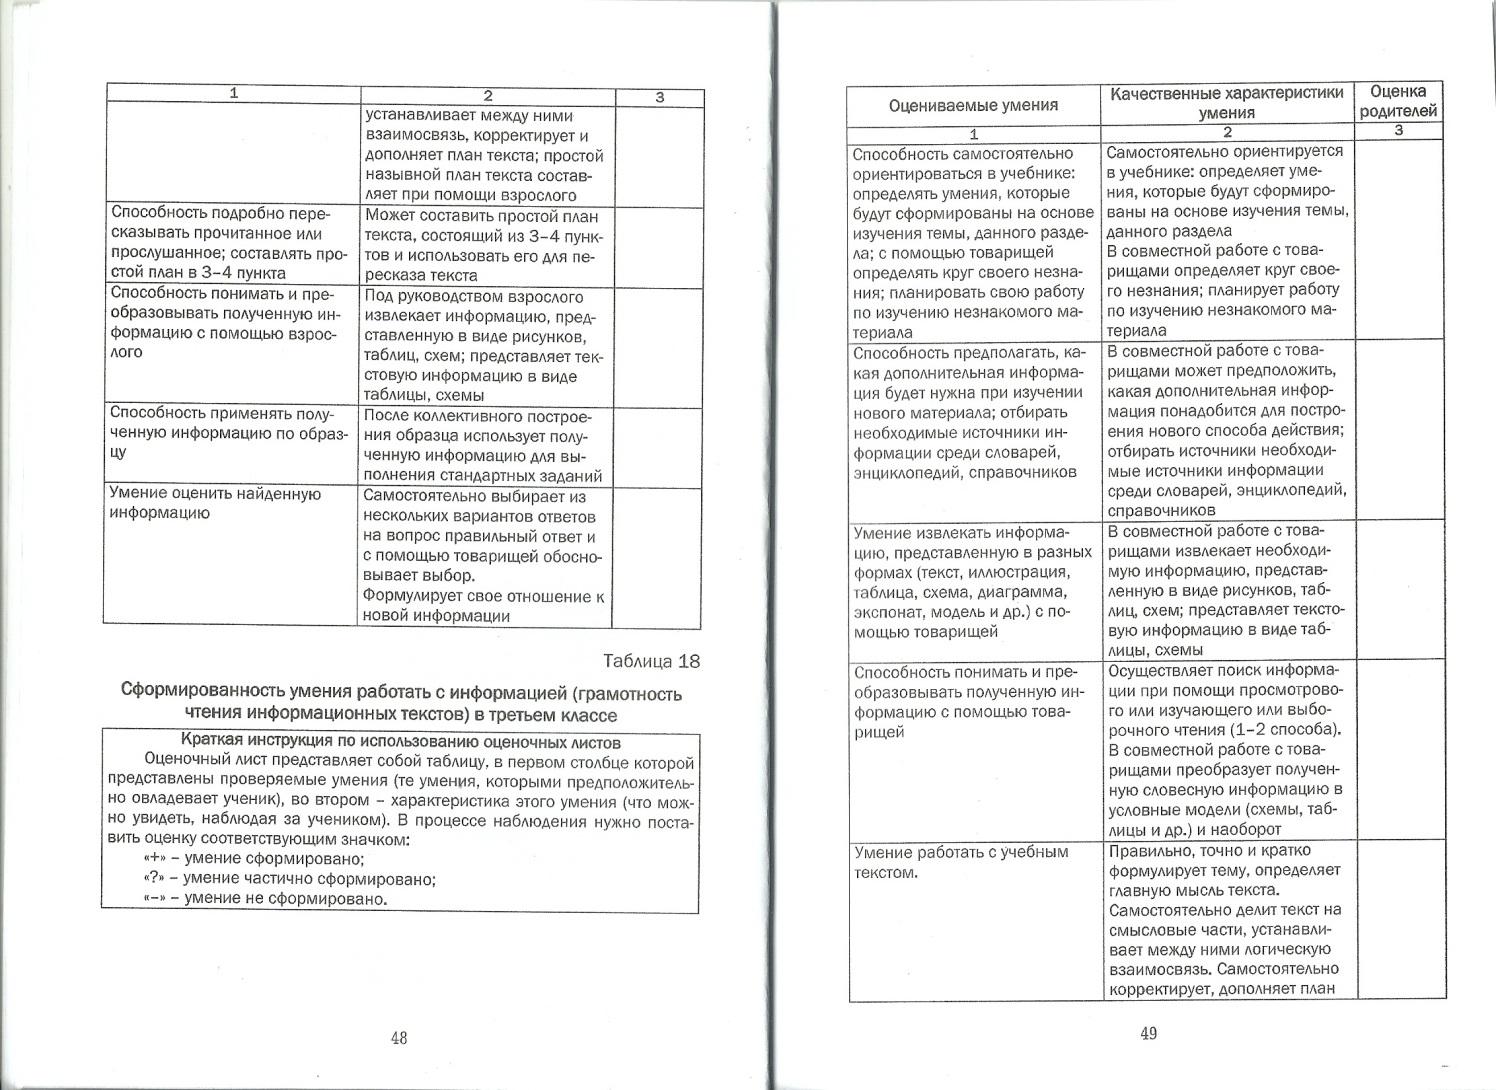 C:\Users\Ирина\Desktop\рабочие программы 1 класс для проверки\привлечение родителей к оценке образовательных достижений младших школьников для совещания\2015-07 (июл)\сканирование0037.jpg